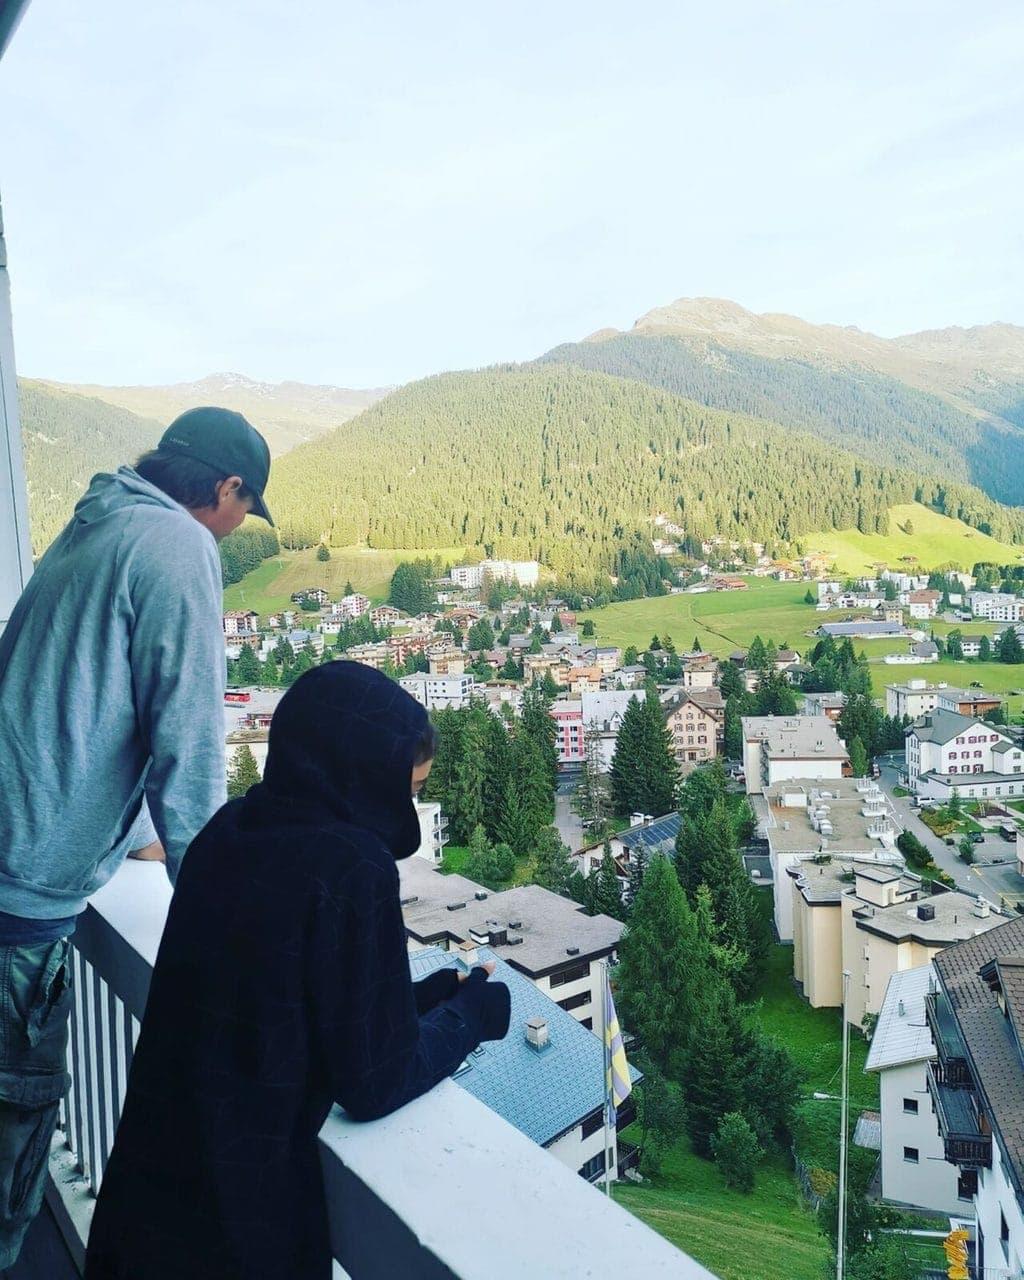 ERLEBNISBERICHT: MIT DEN WOLKEN AUF AUGENHÖHE – EIN WEEKEND IN DAVOS MIT DEN SCHWEIZER JUGENDHERBERGEN